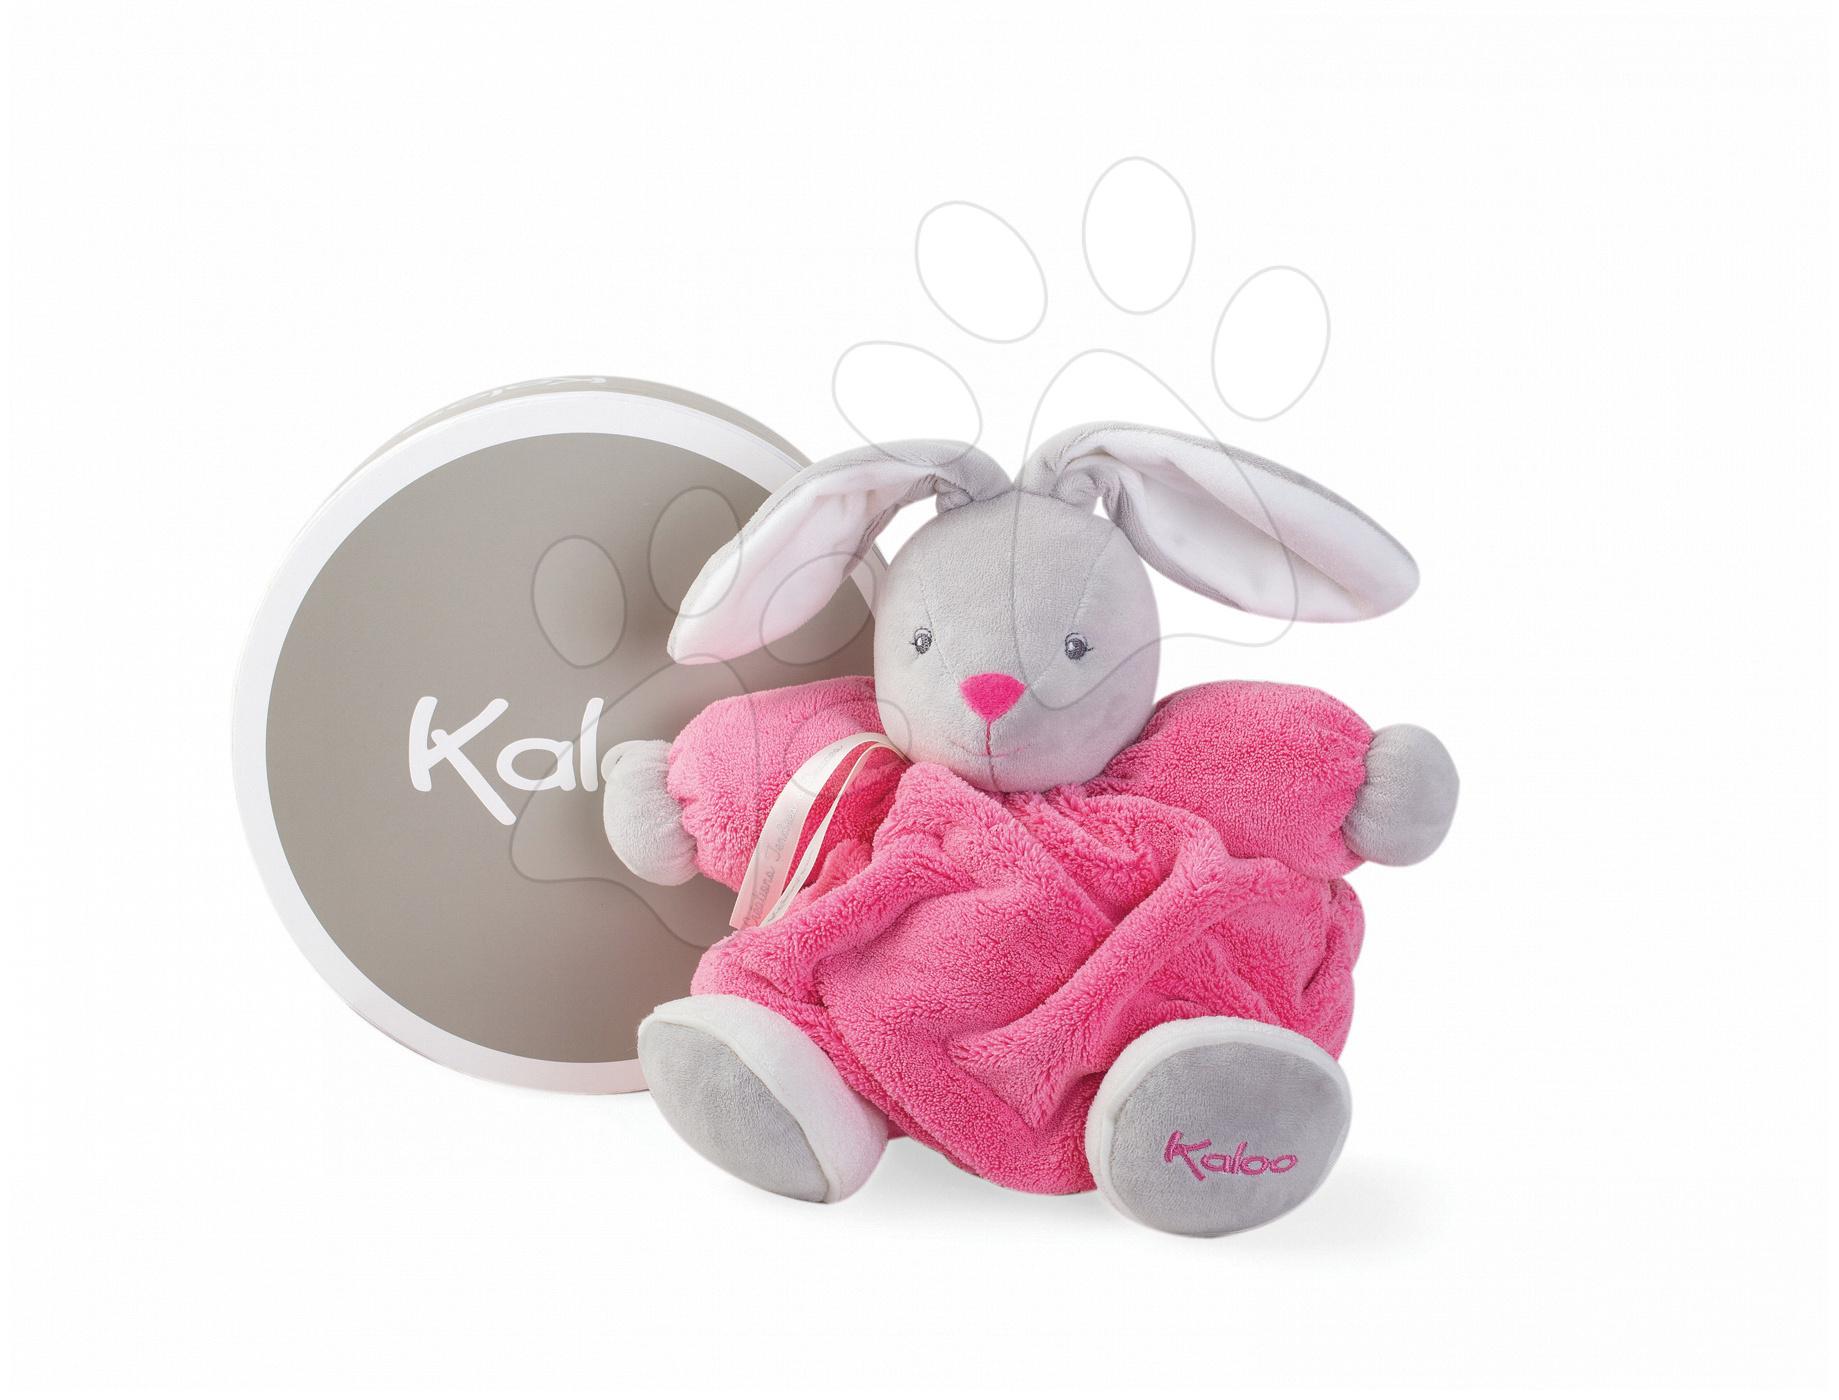 Plyšový zajačik Plume Chubby Kaloo 25 cm v darčekovom balení pre najmenšie deti ružový